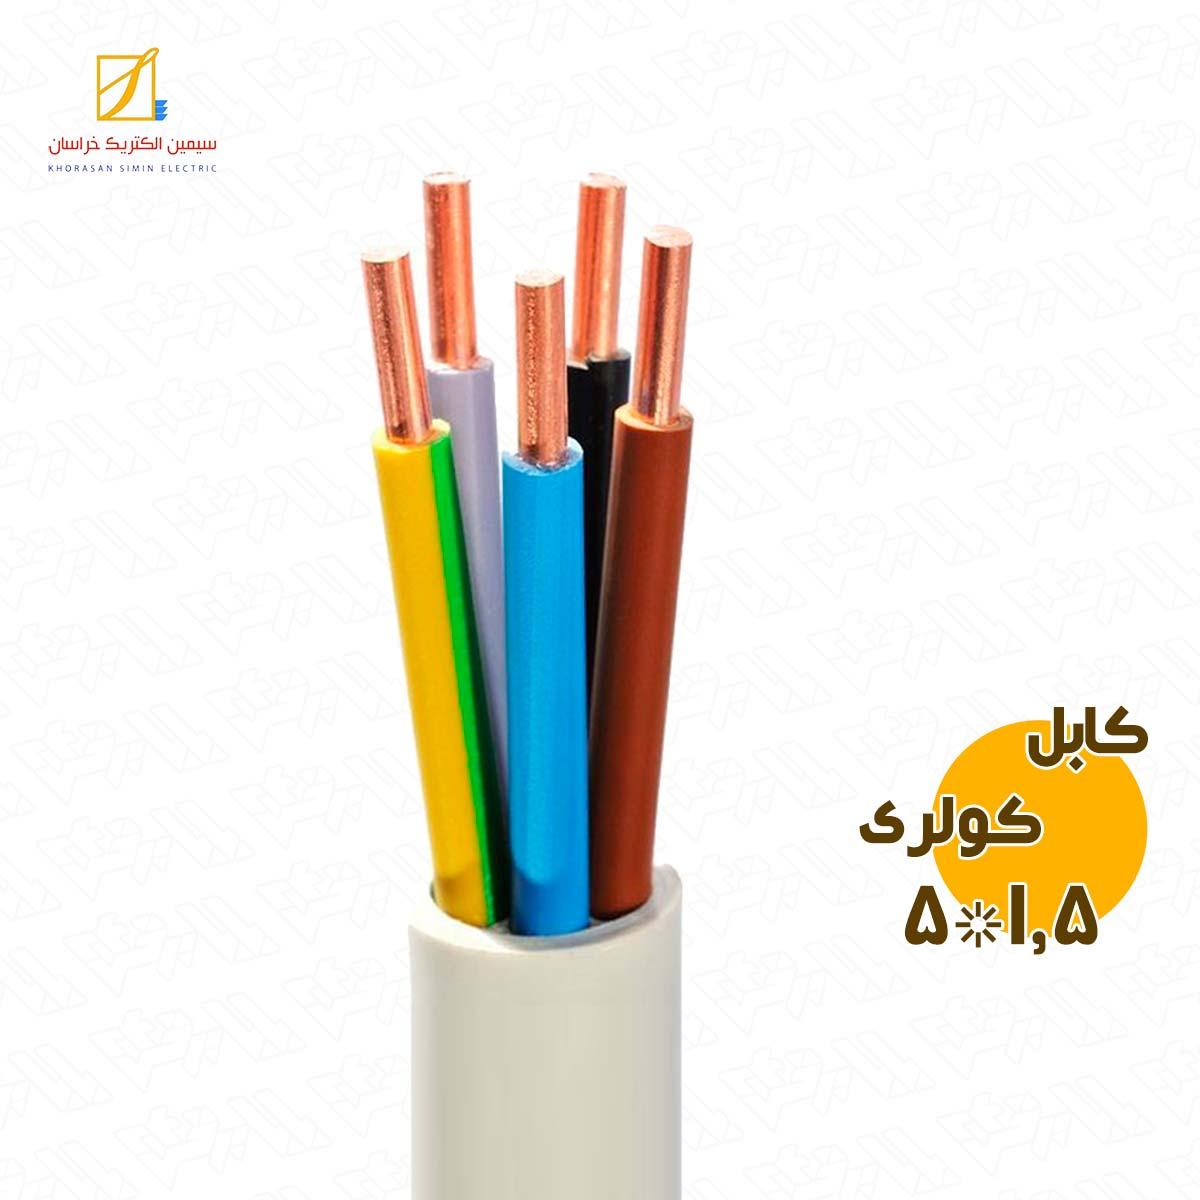 کابل-کولری-5در1-نیم